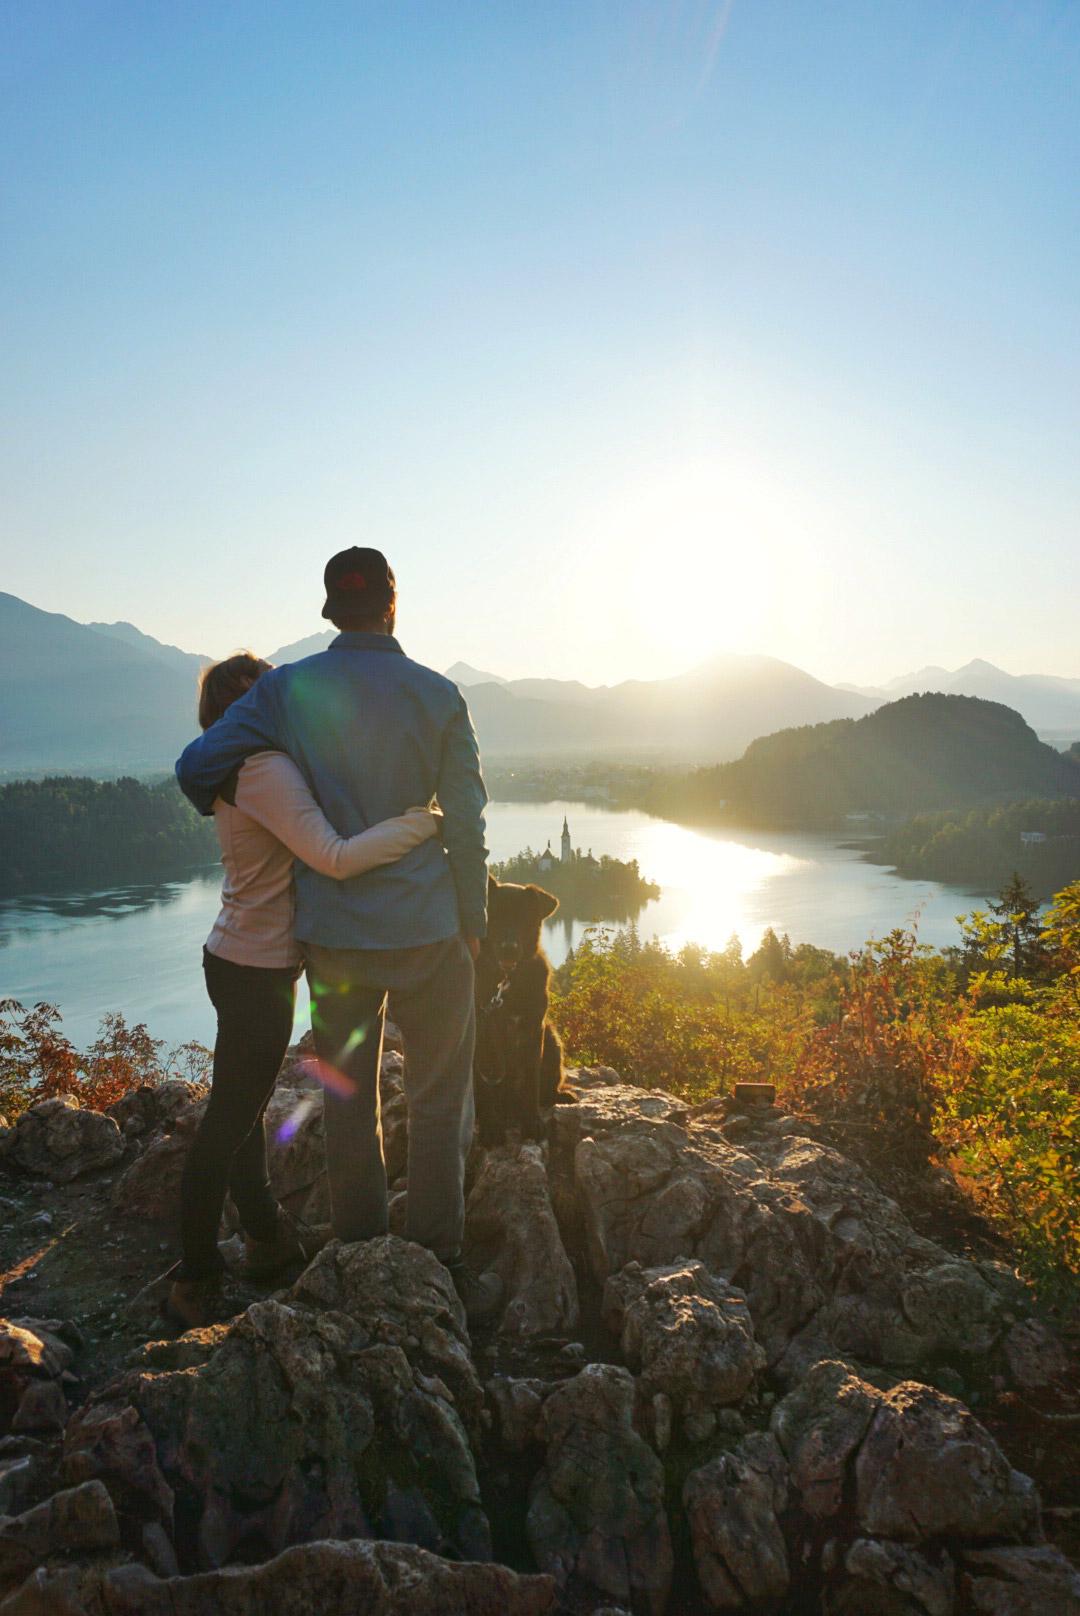 Mechteld - Sunrise in Bled